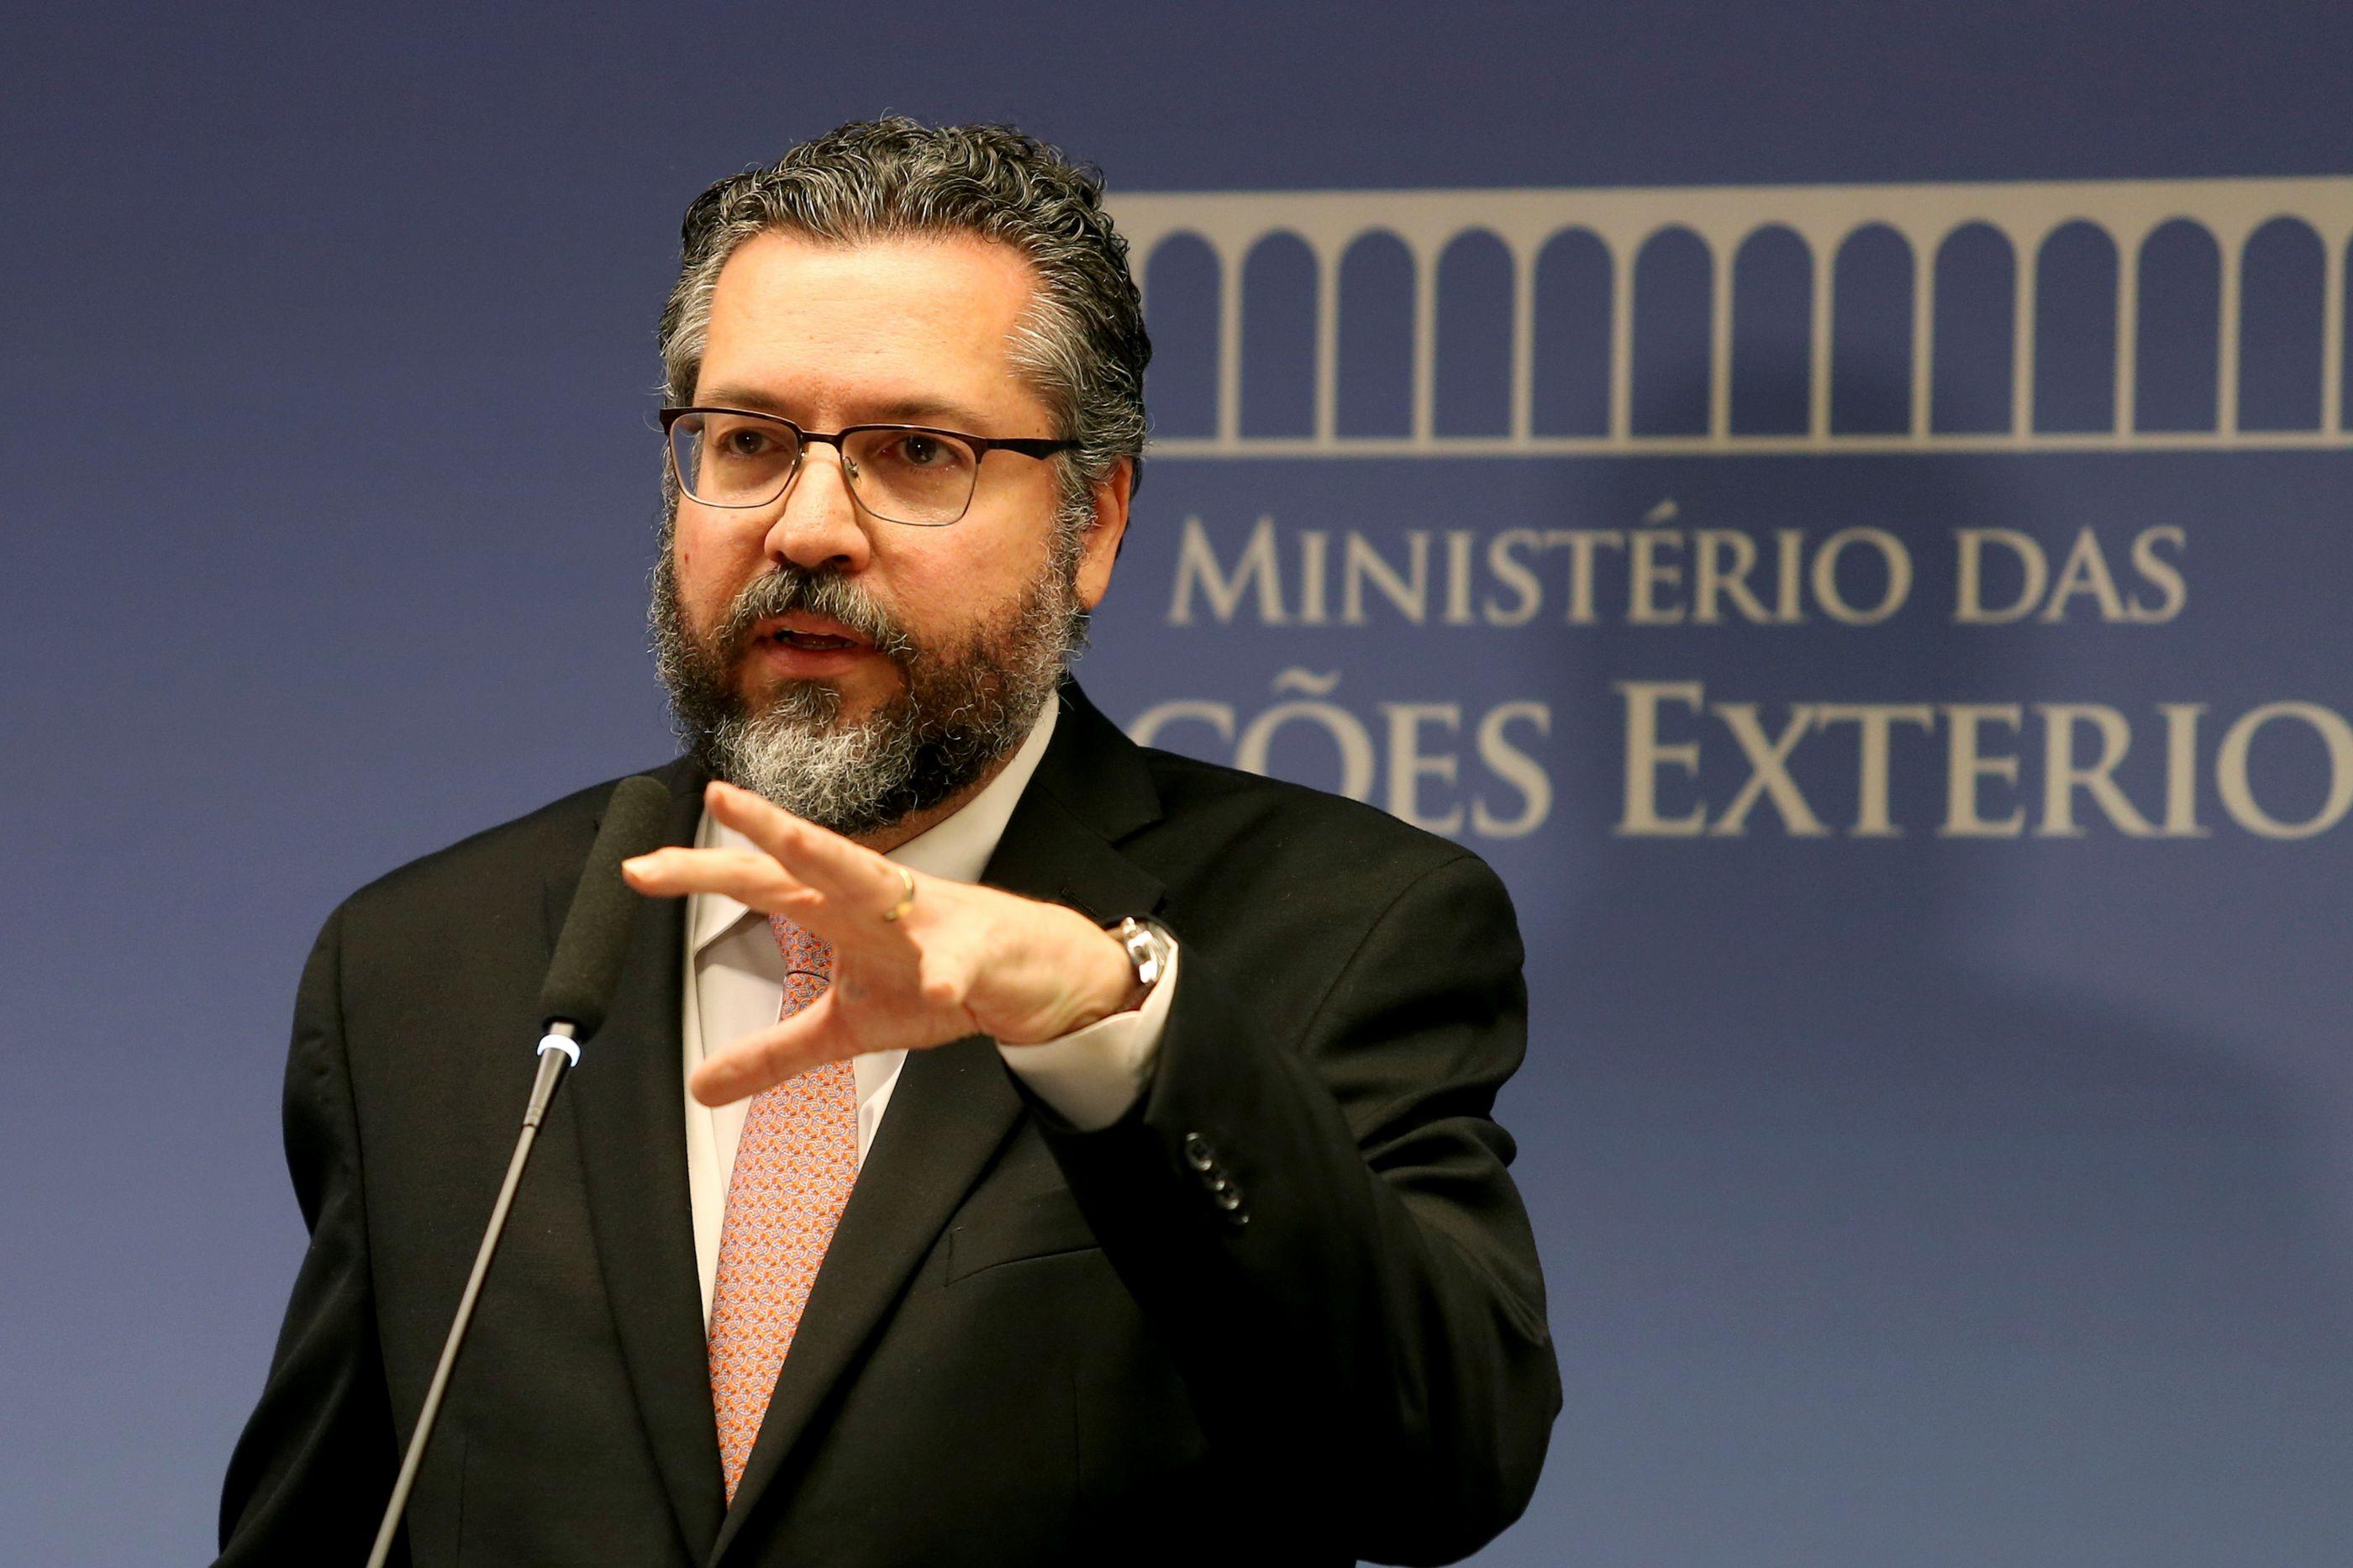 Ernesto Araújo vai participar na entrega de ajuda humanitária à Venezuela